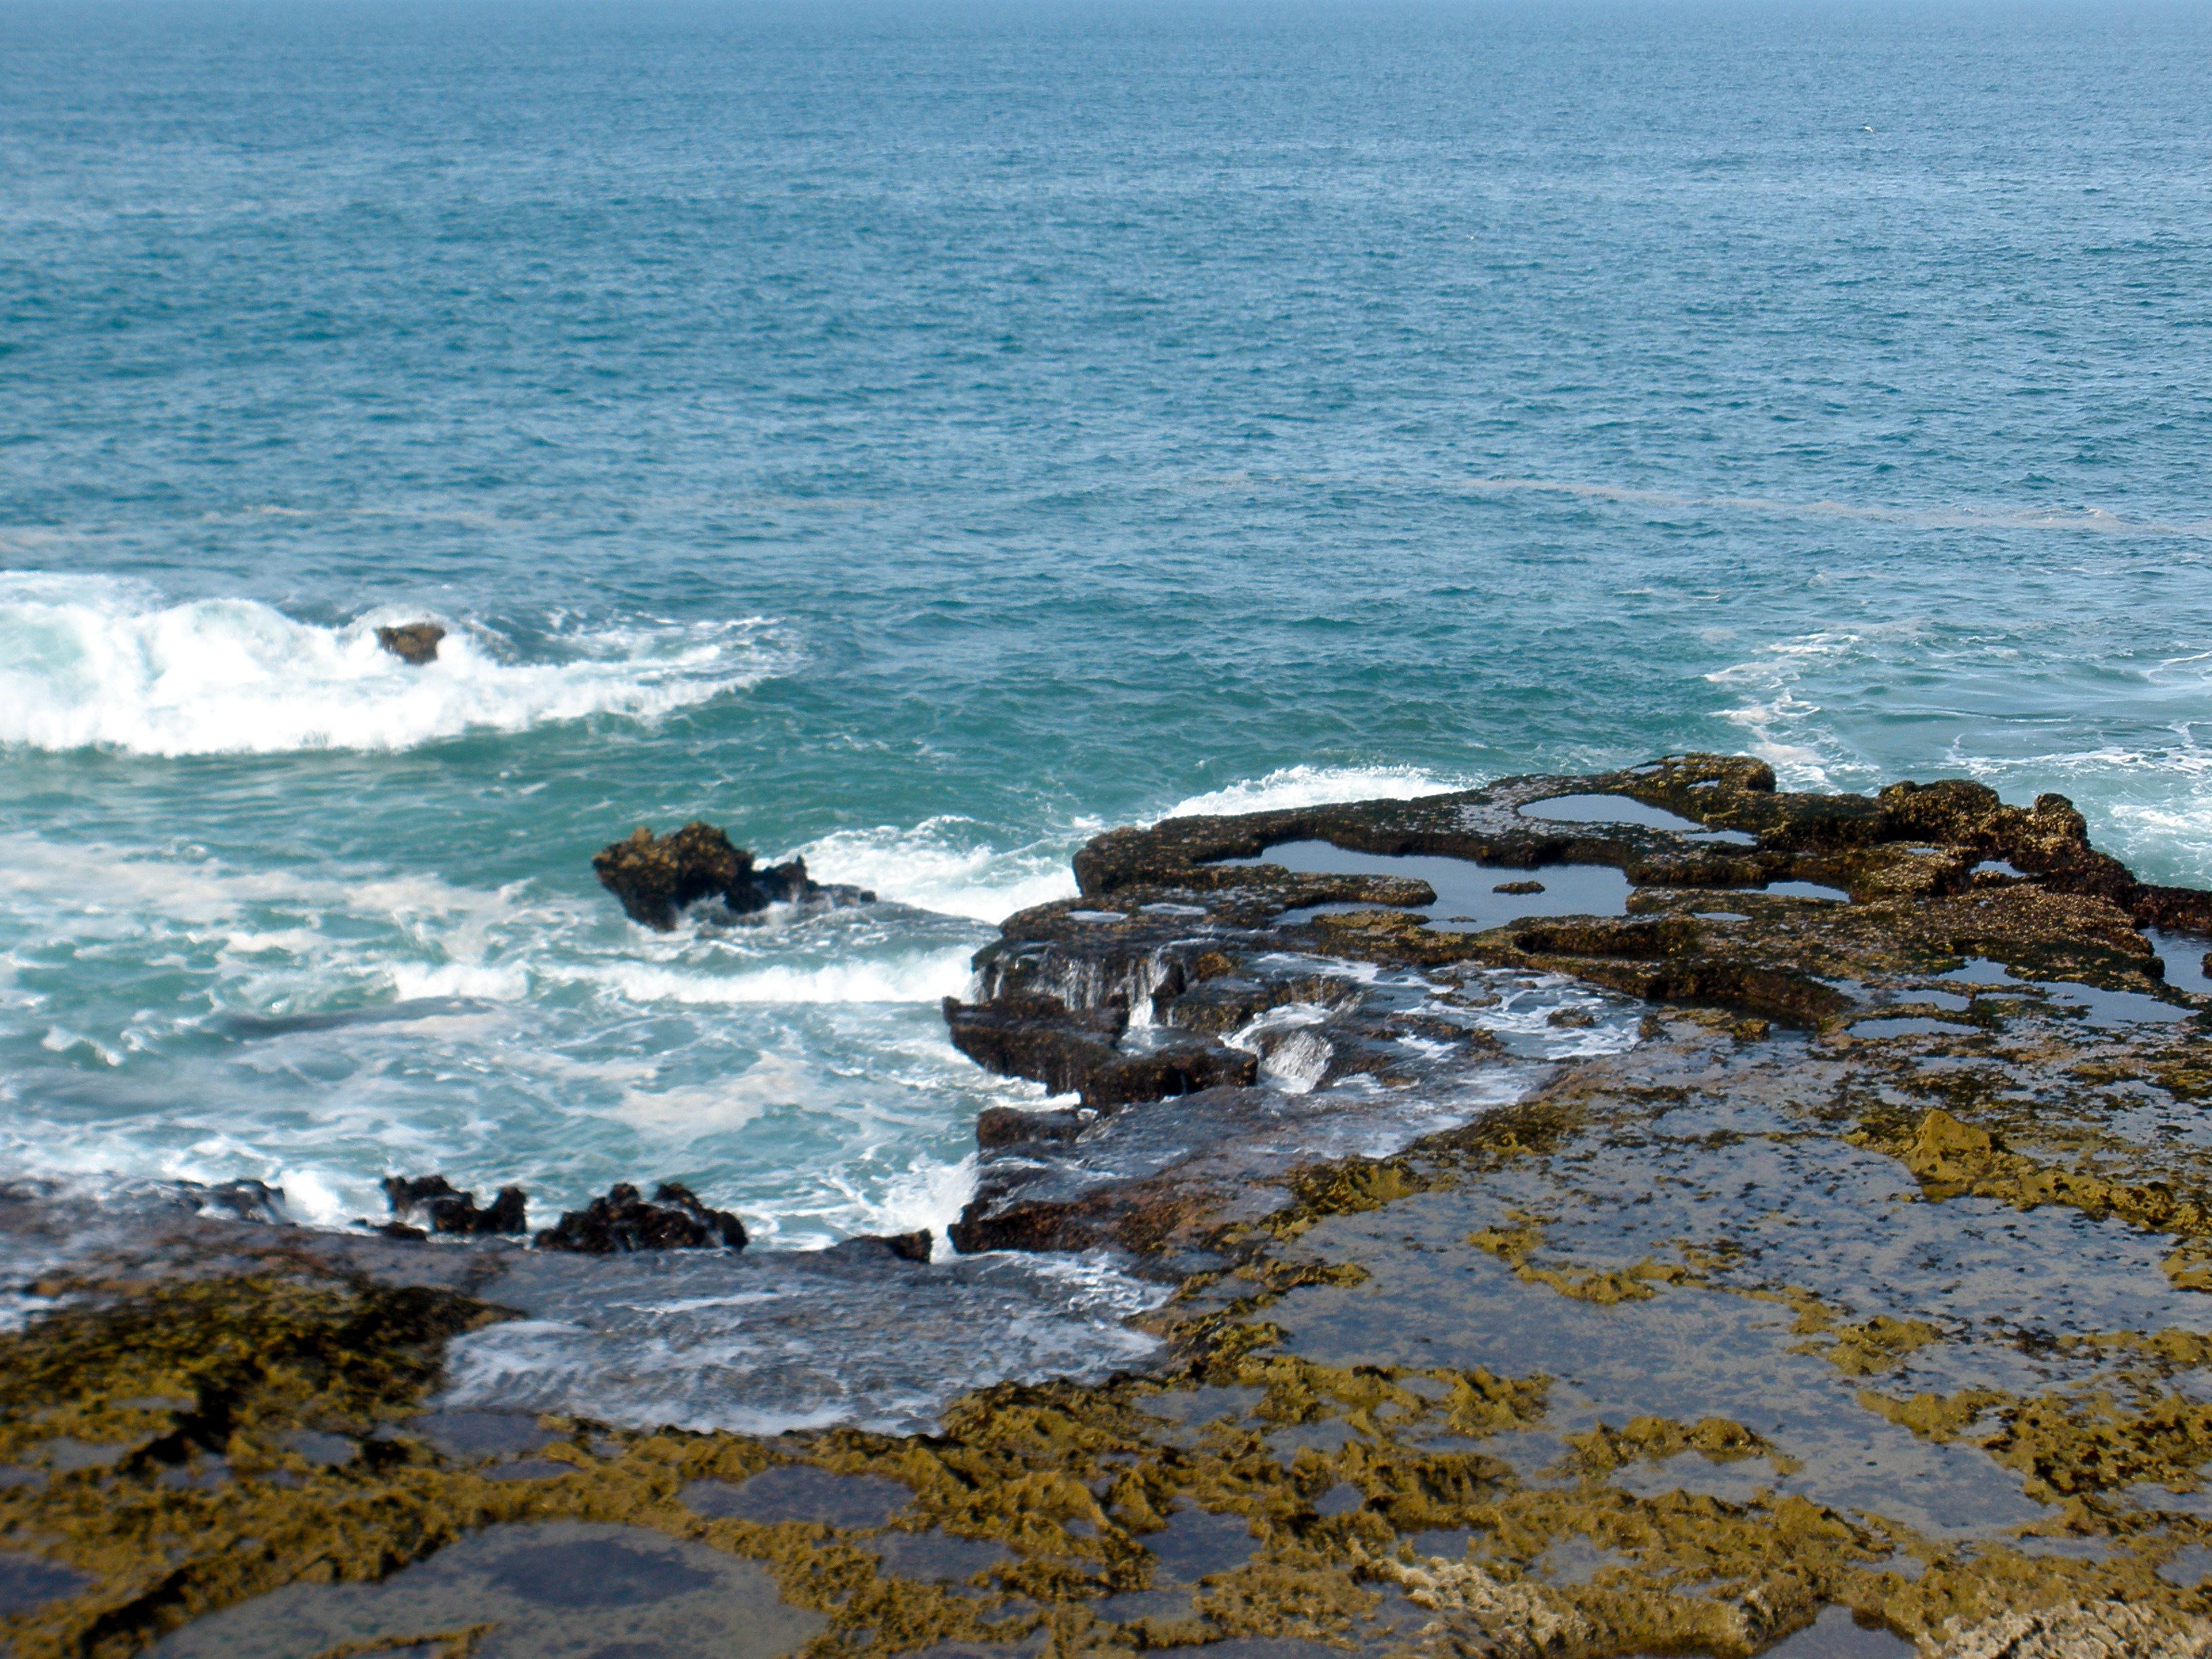 The sea at essaouira photo